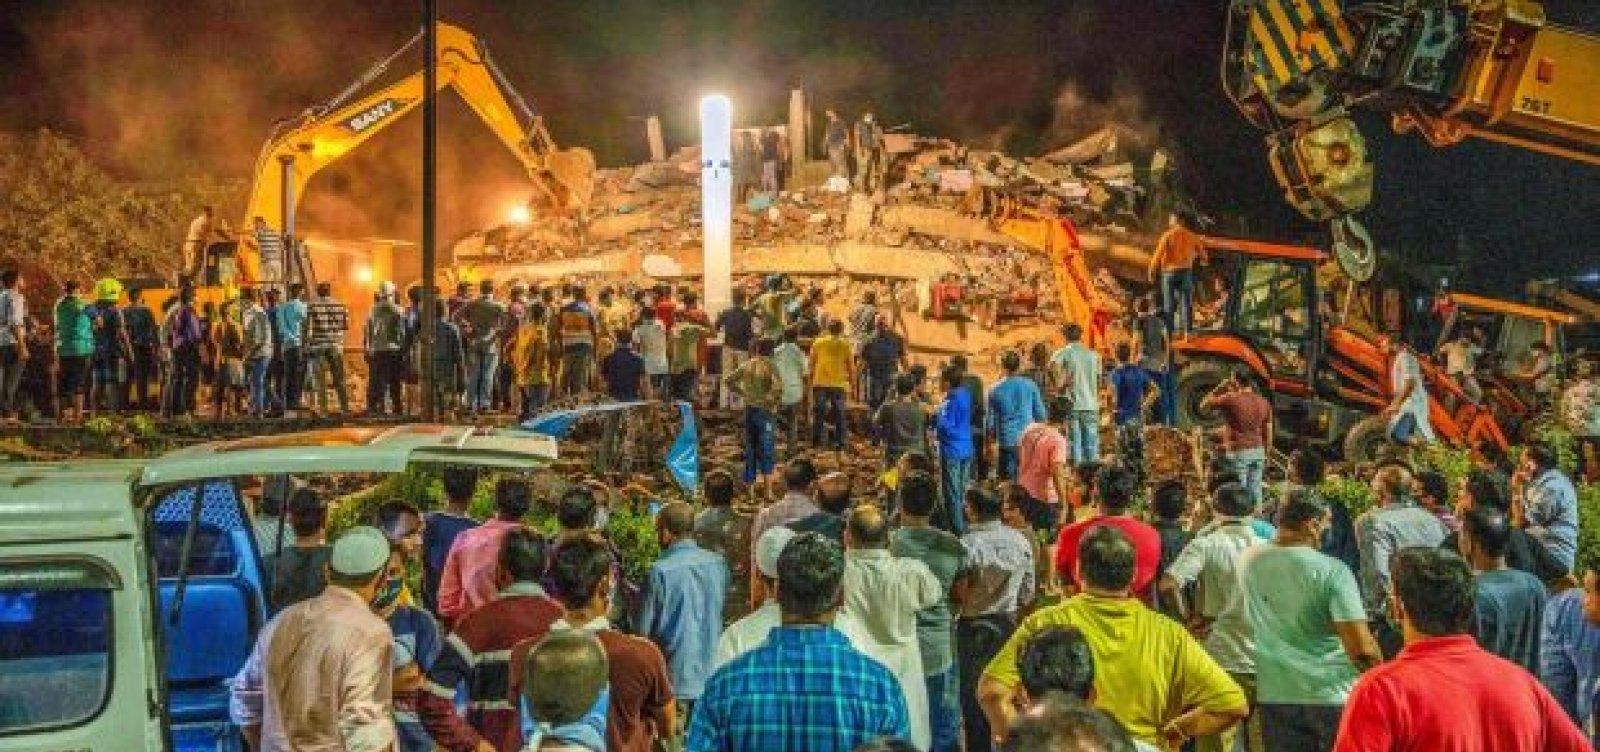 [Prédio de apartamentos desaba na Índia; 1 pessoa morreu, diz imprensa local]